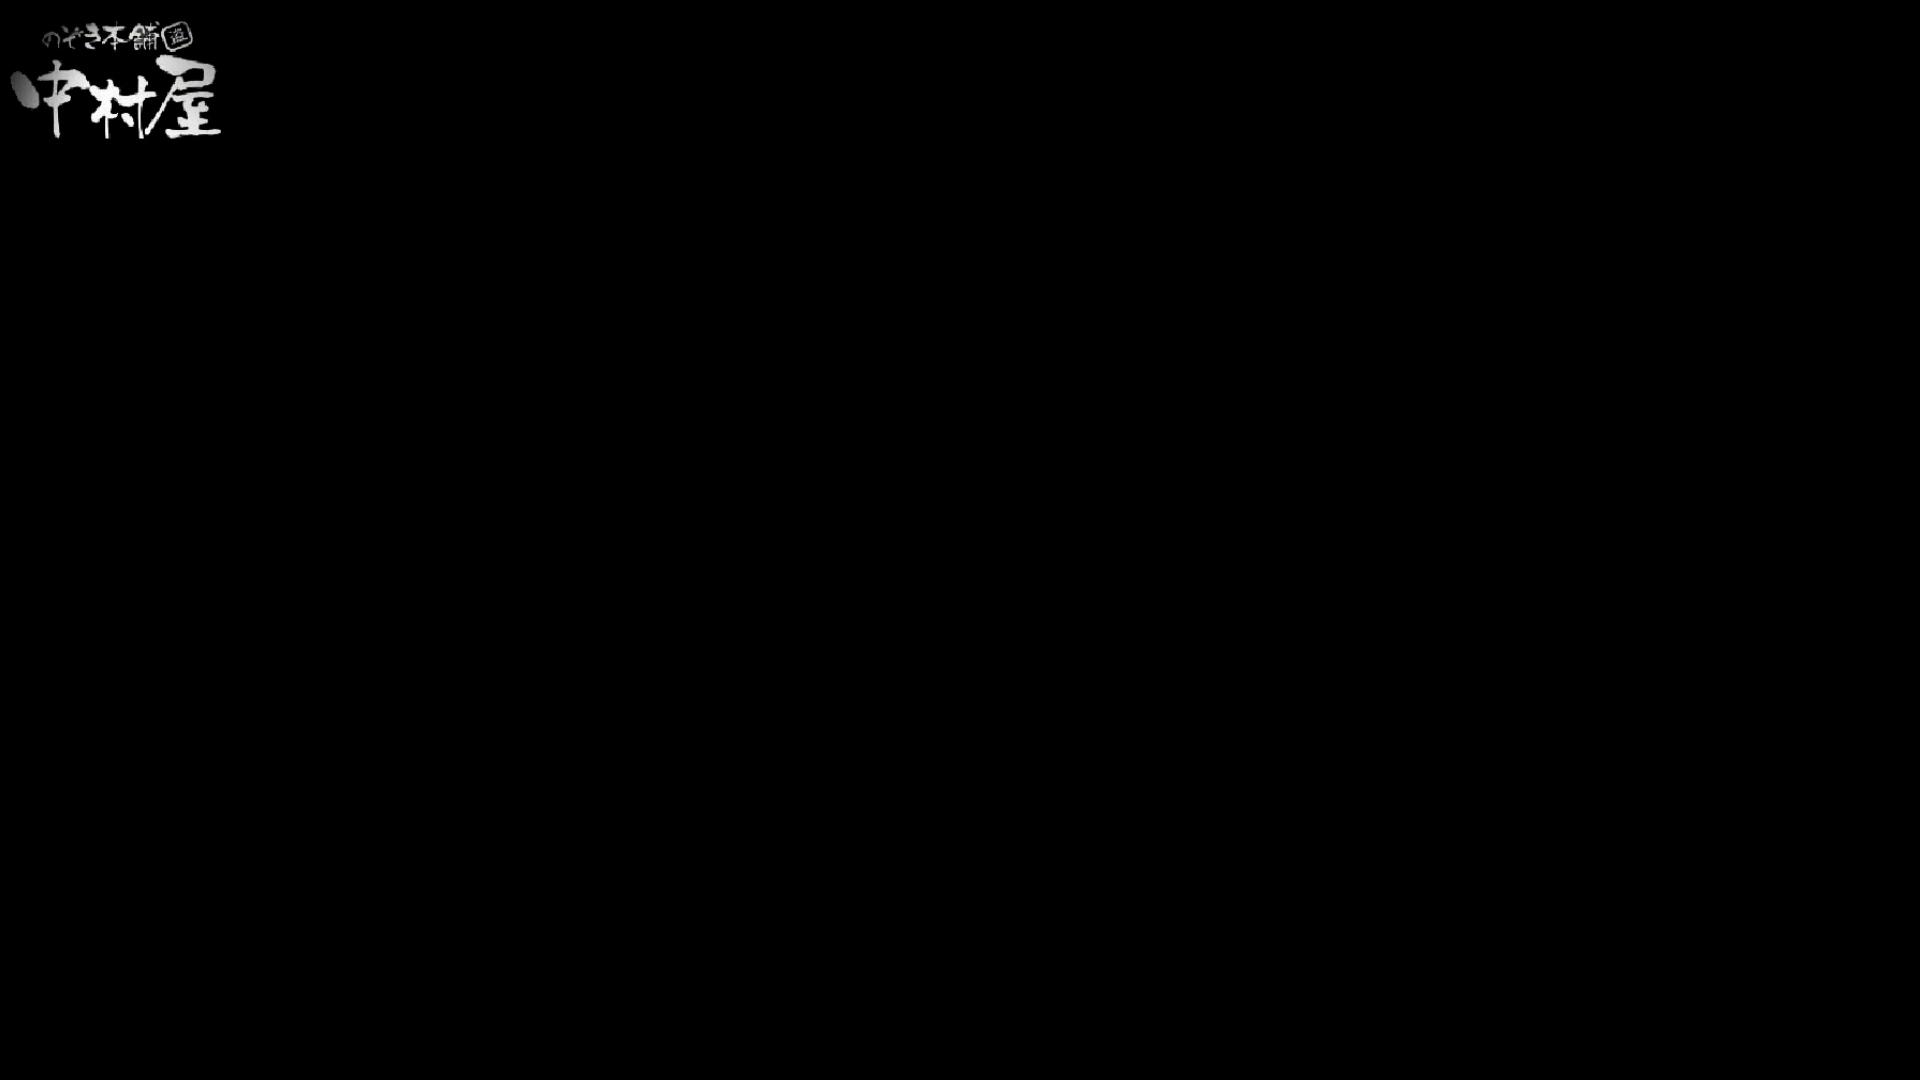 雅さんが厳選新年特別コンテンツ!激走!東京マラソン選手専用女子トイレvol.9 トイレの中の女の子 おめこ無修正画像 53連発 51